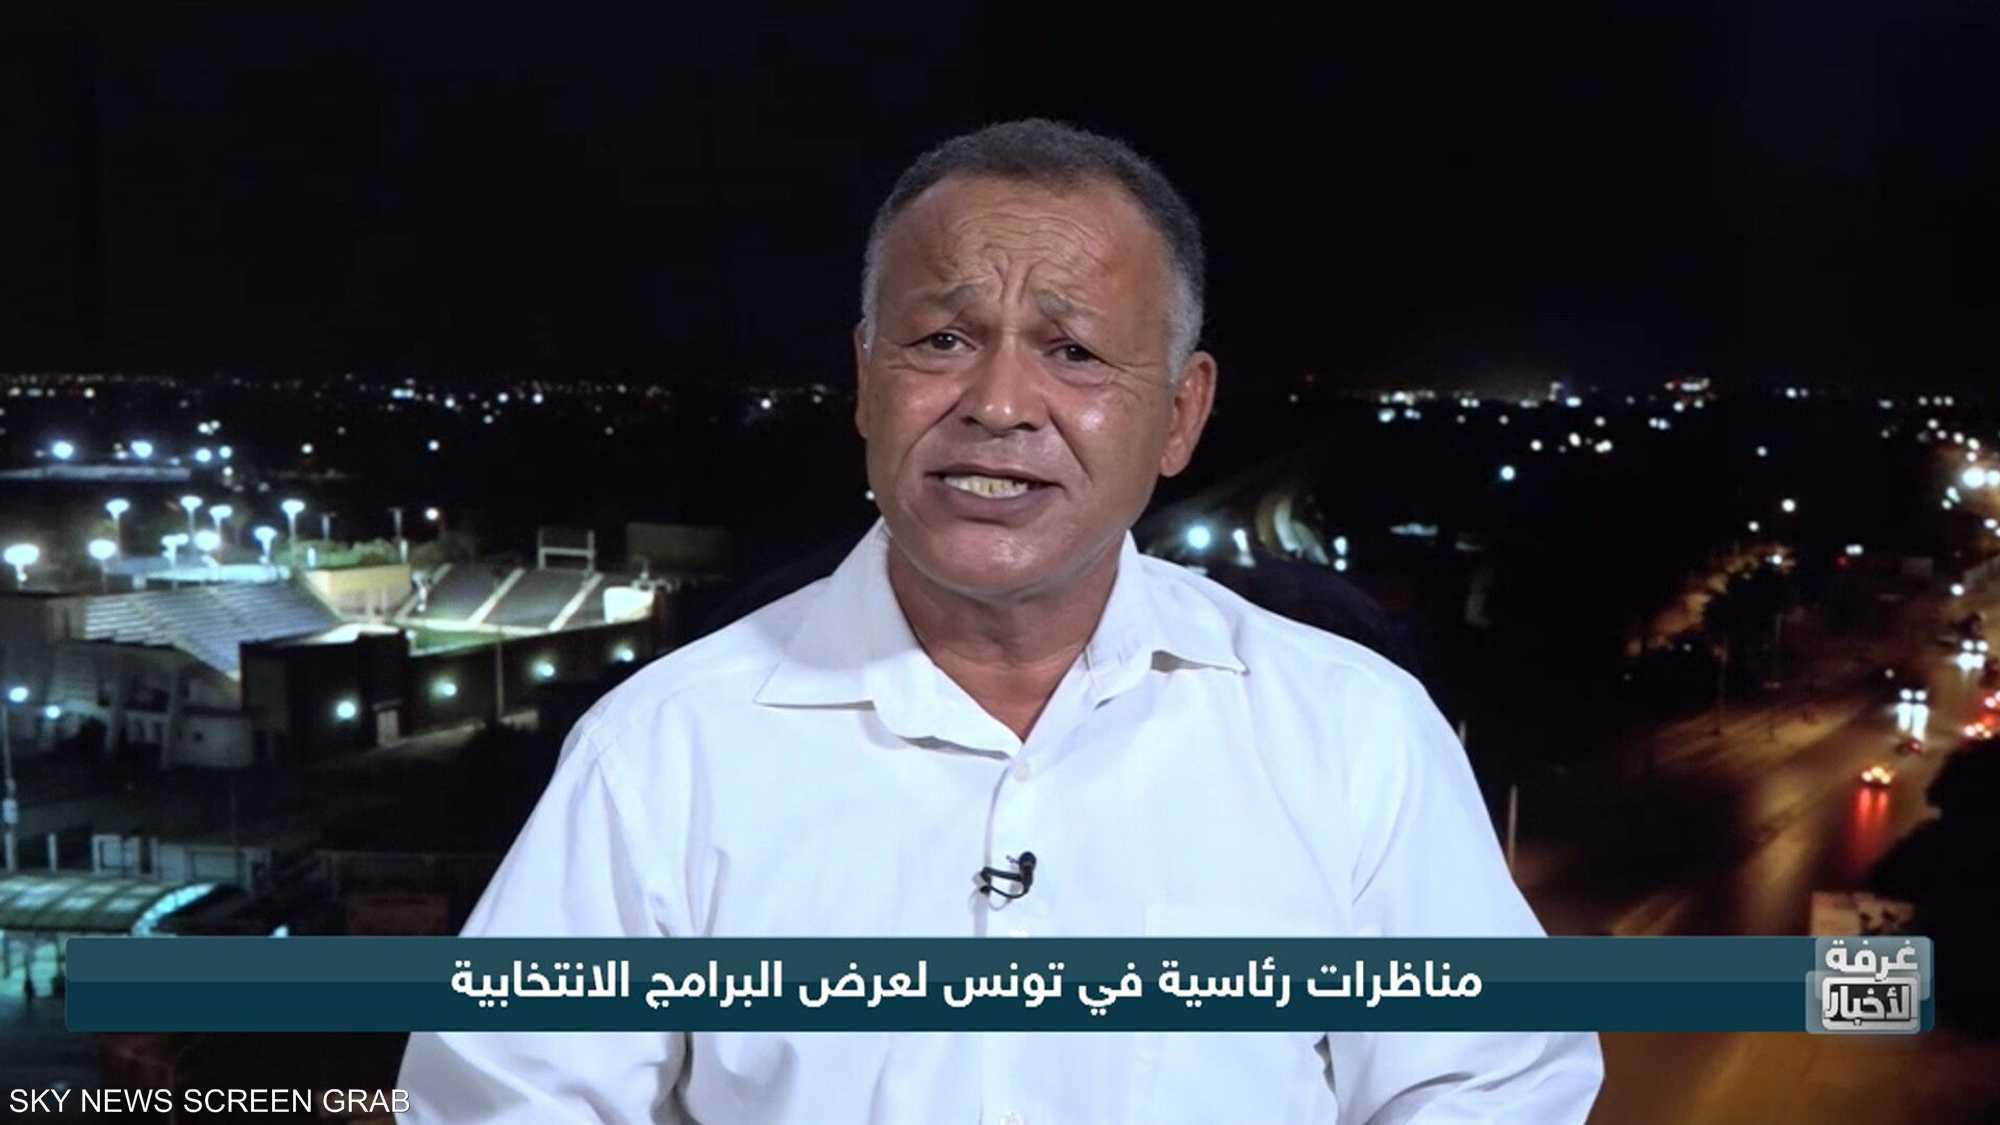 مناظرات رئاسية في تونس لعرض البرامج الانتخابية